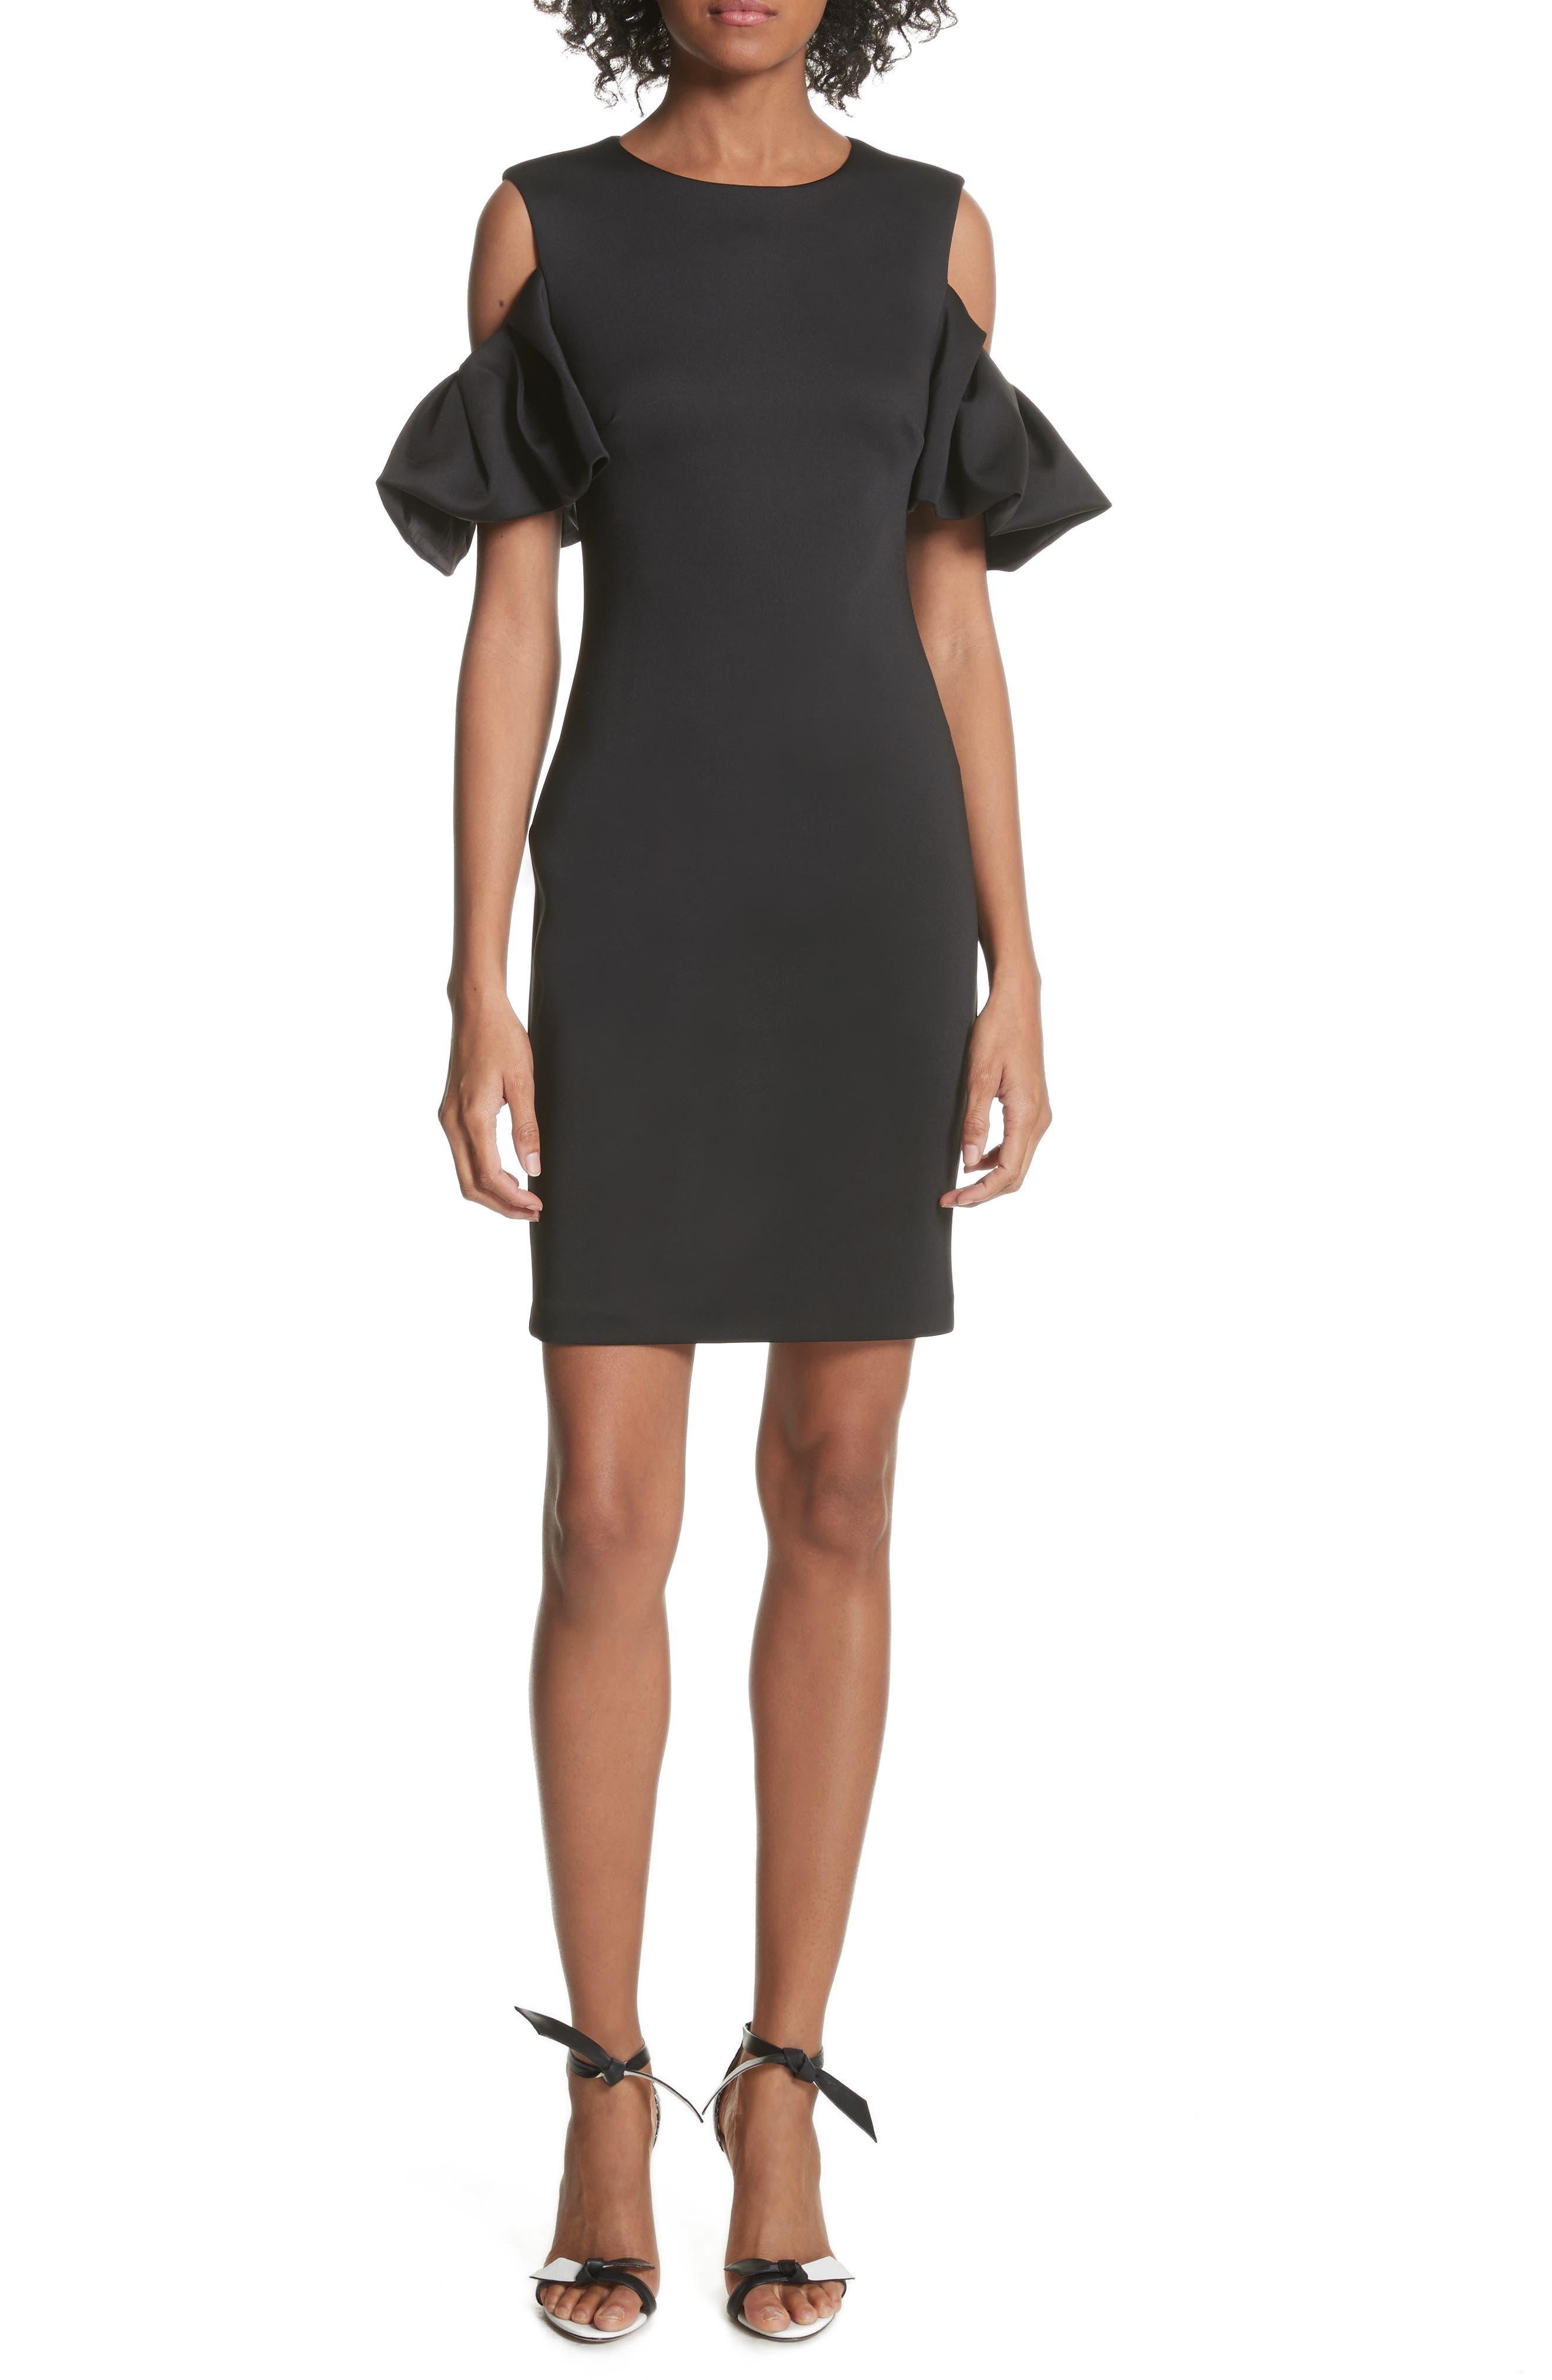 Salnie Cold Shoulder Sheath Dress,                             Main thumbnail 1, color,                             001